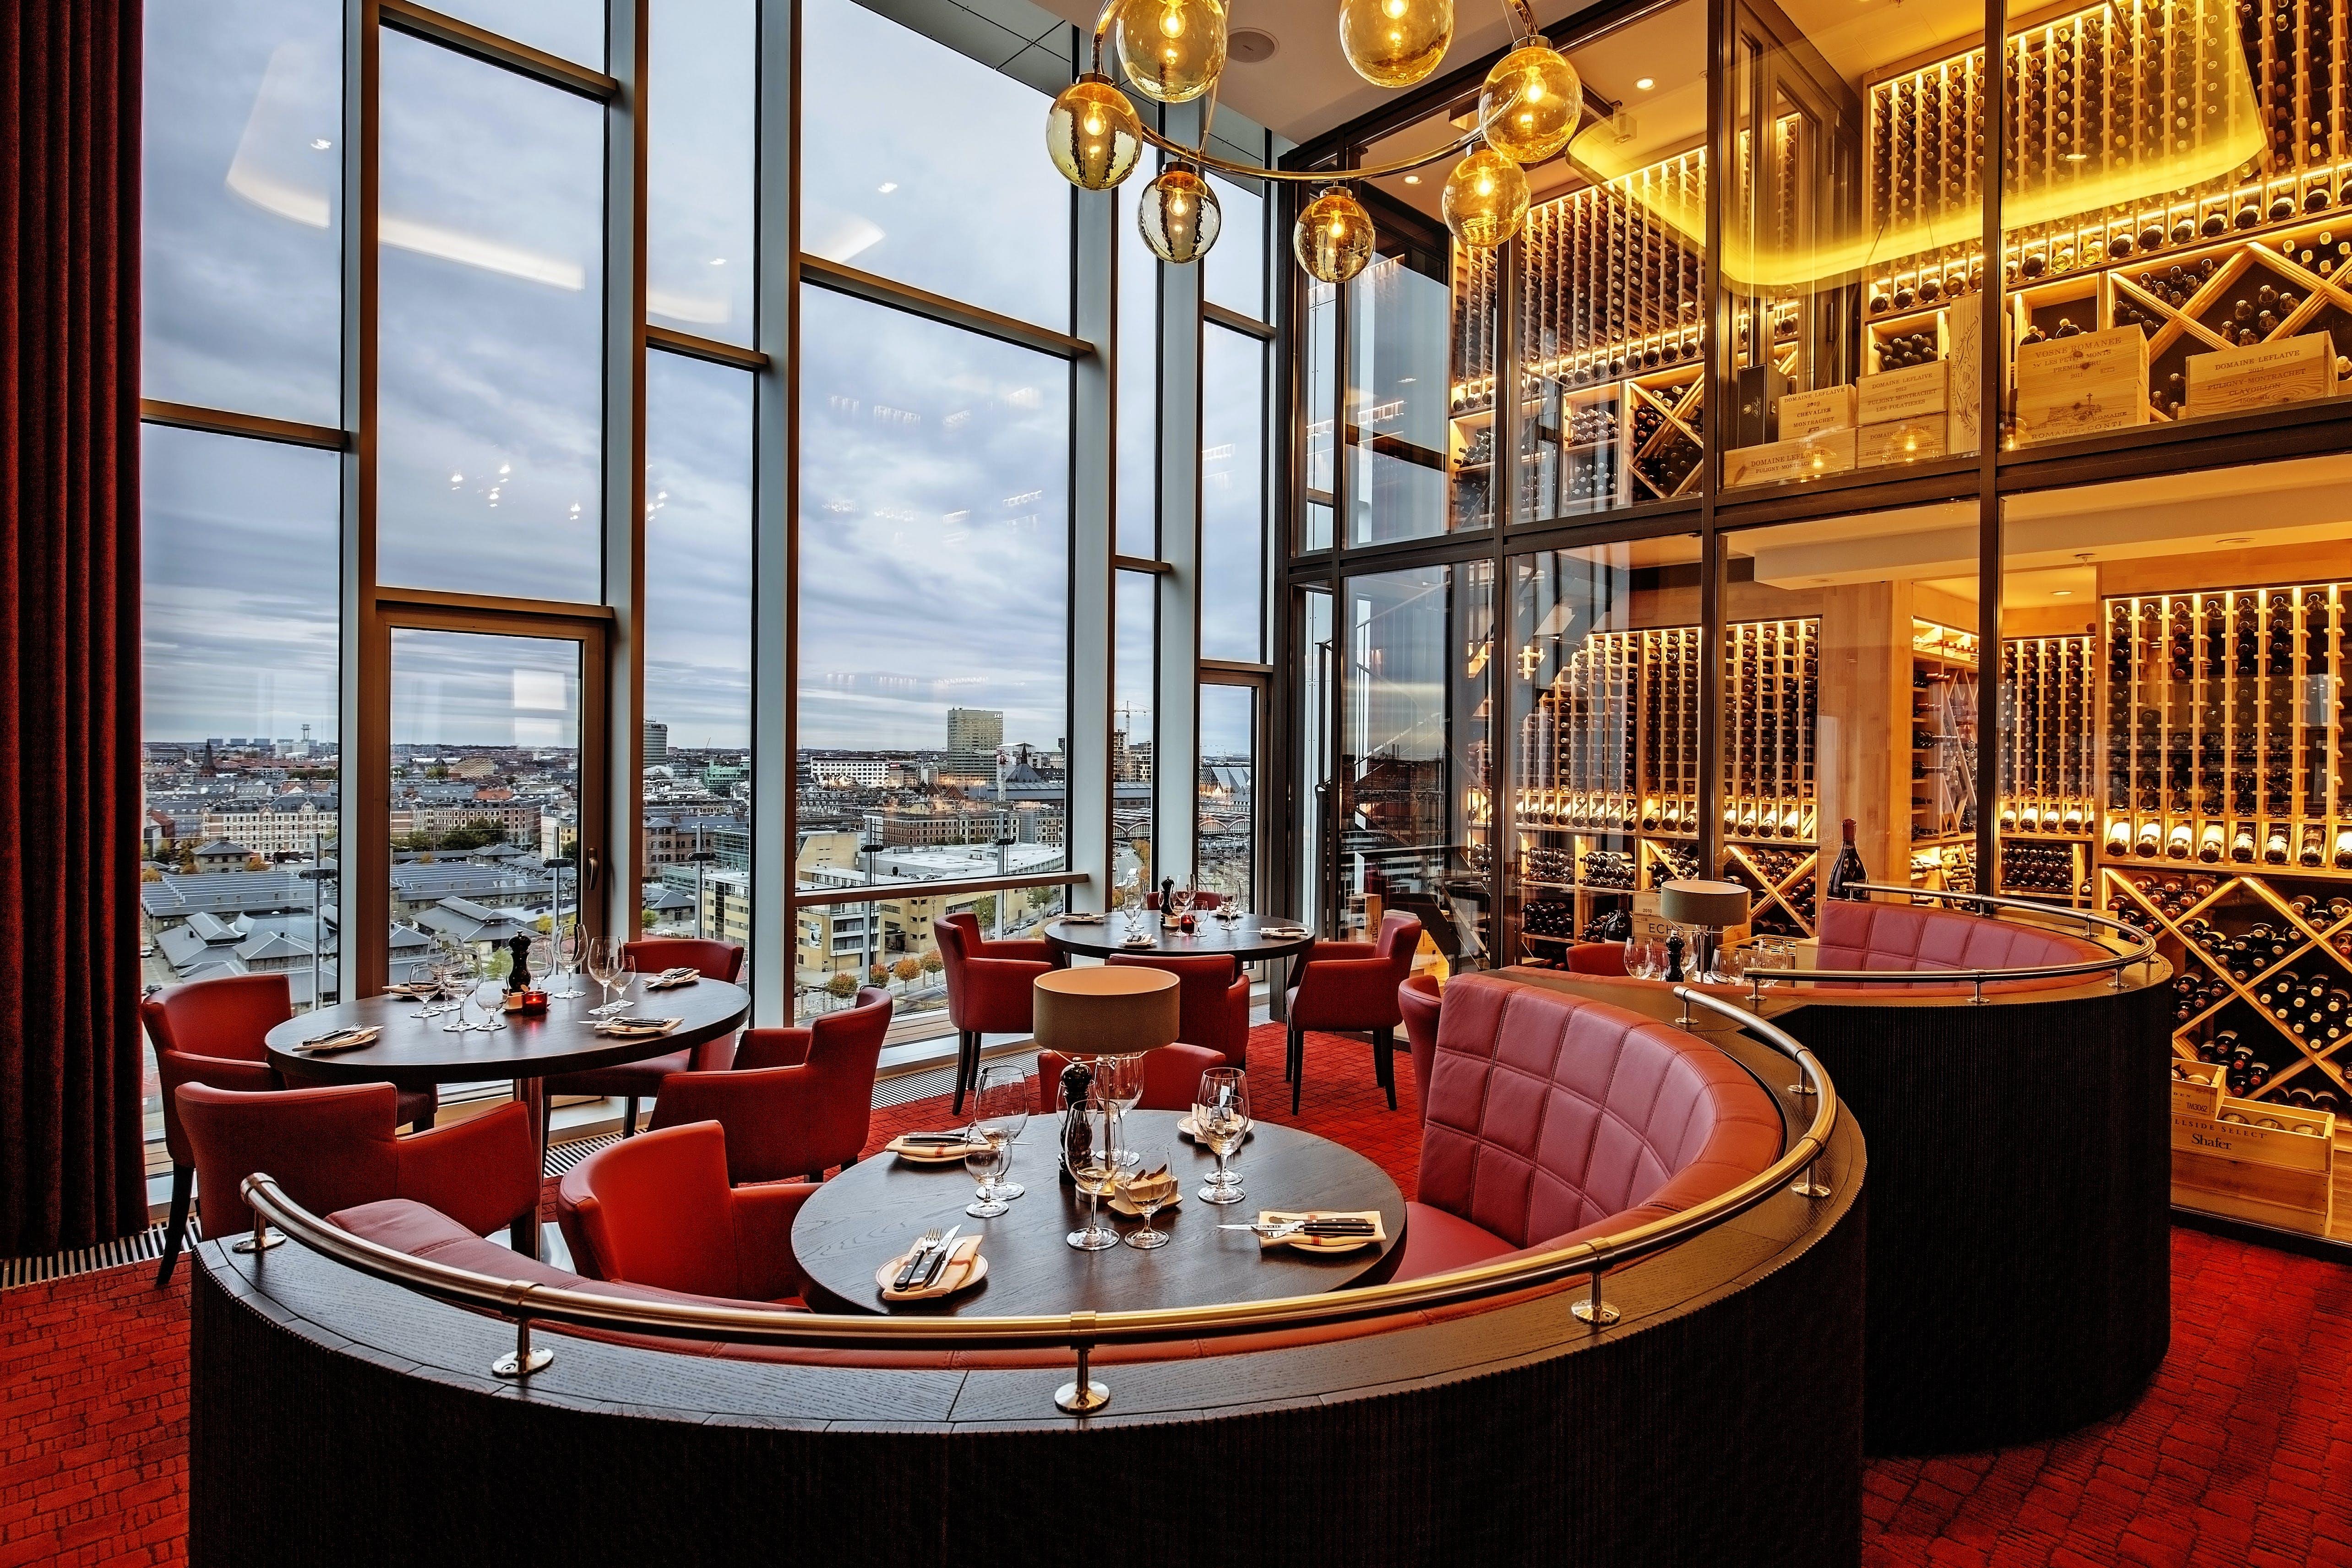 MASH restaurant i Tivoli-hoteltårn åbnet i København | | bobedre.dk